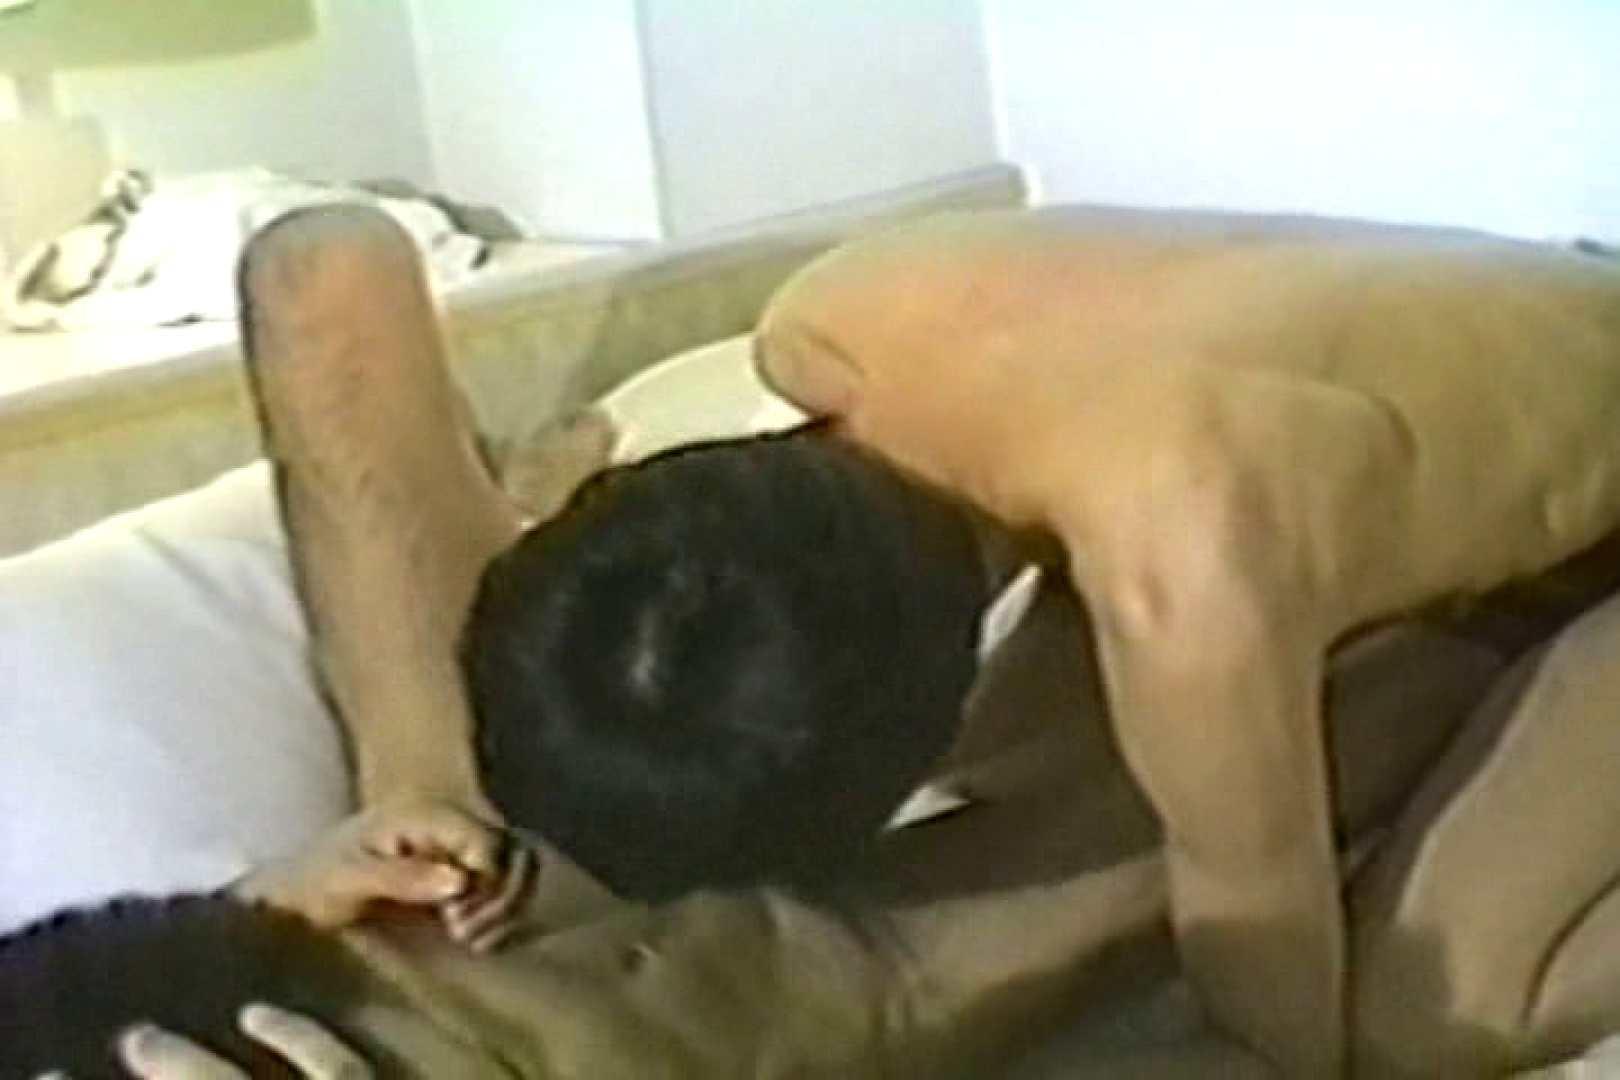 往年の名作 あの頃は若かった!Vol.07 アナル舐め ゲイ肛門画像 62pic 30